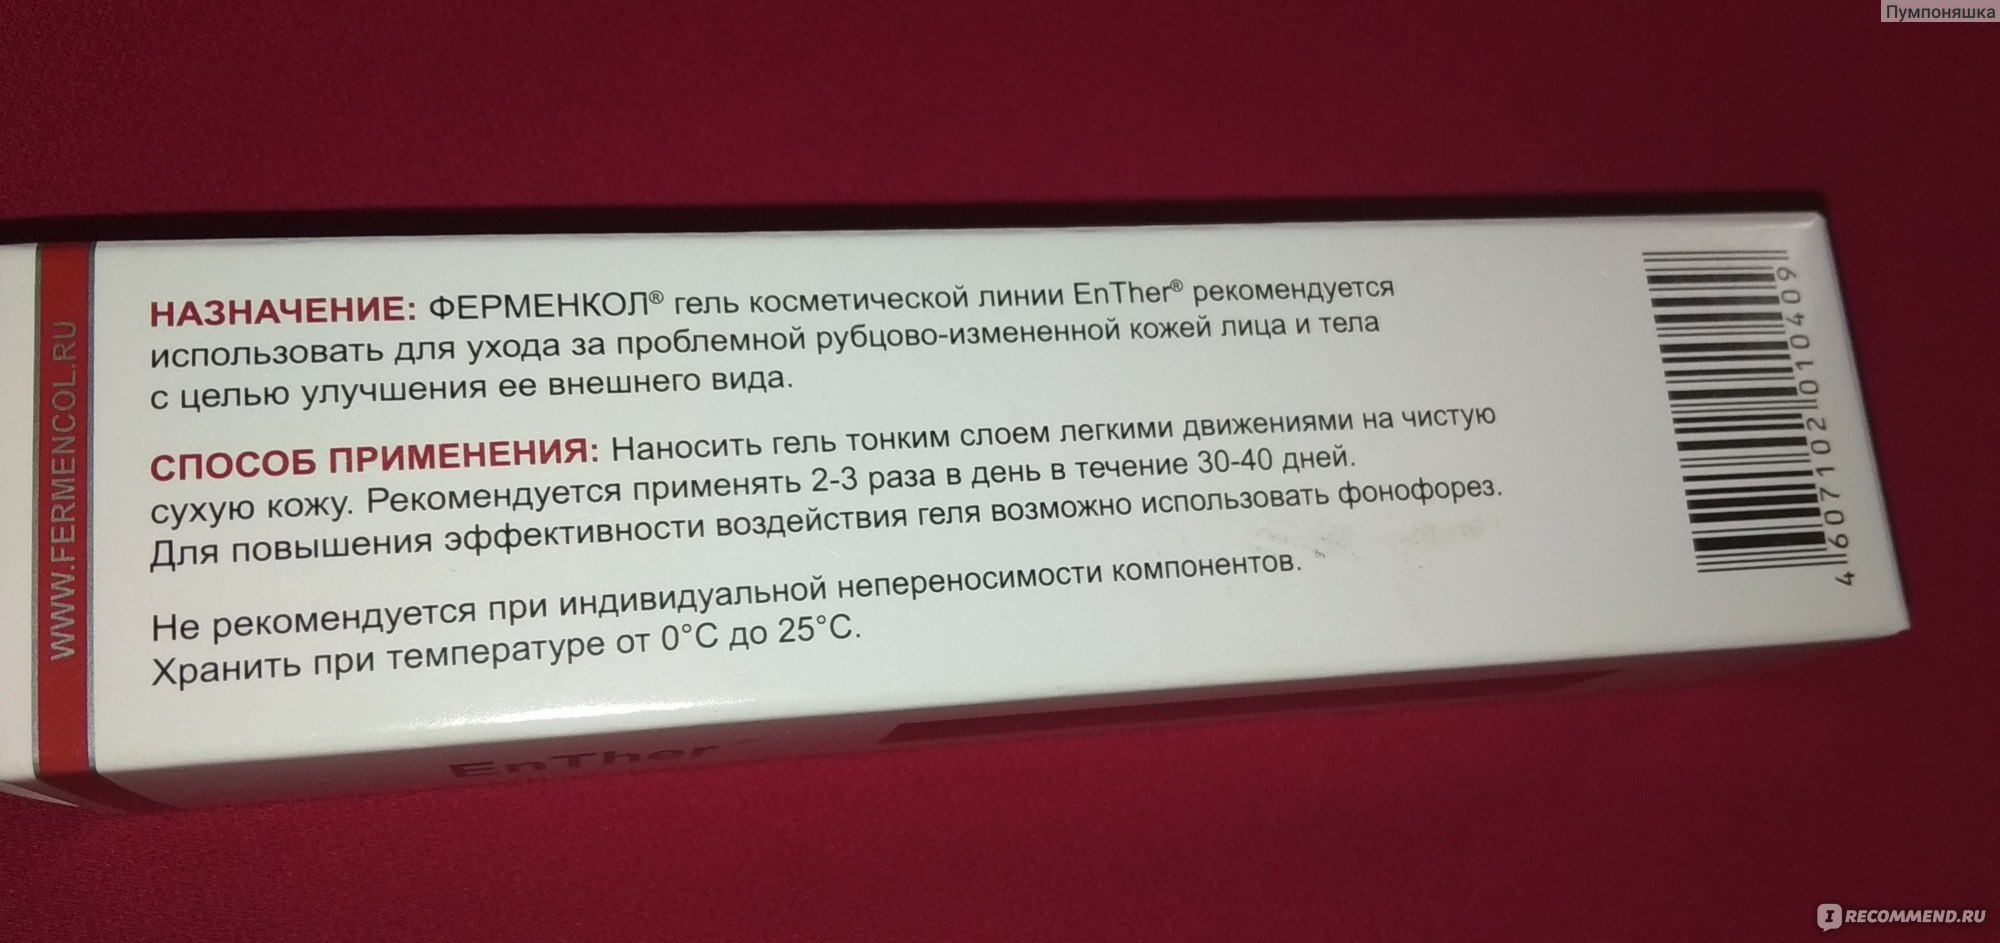 ФЕРМЕНКОЛ ГЕЛЬ